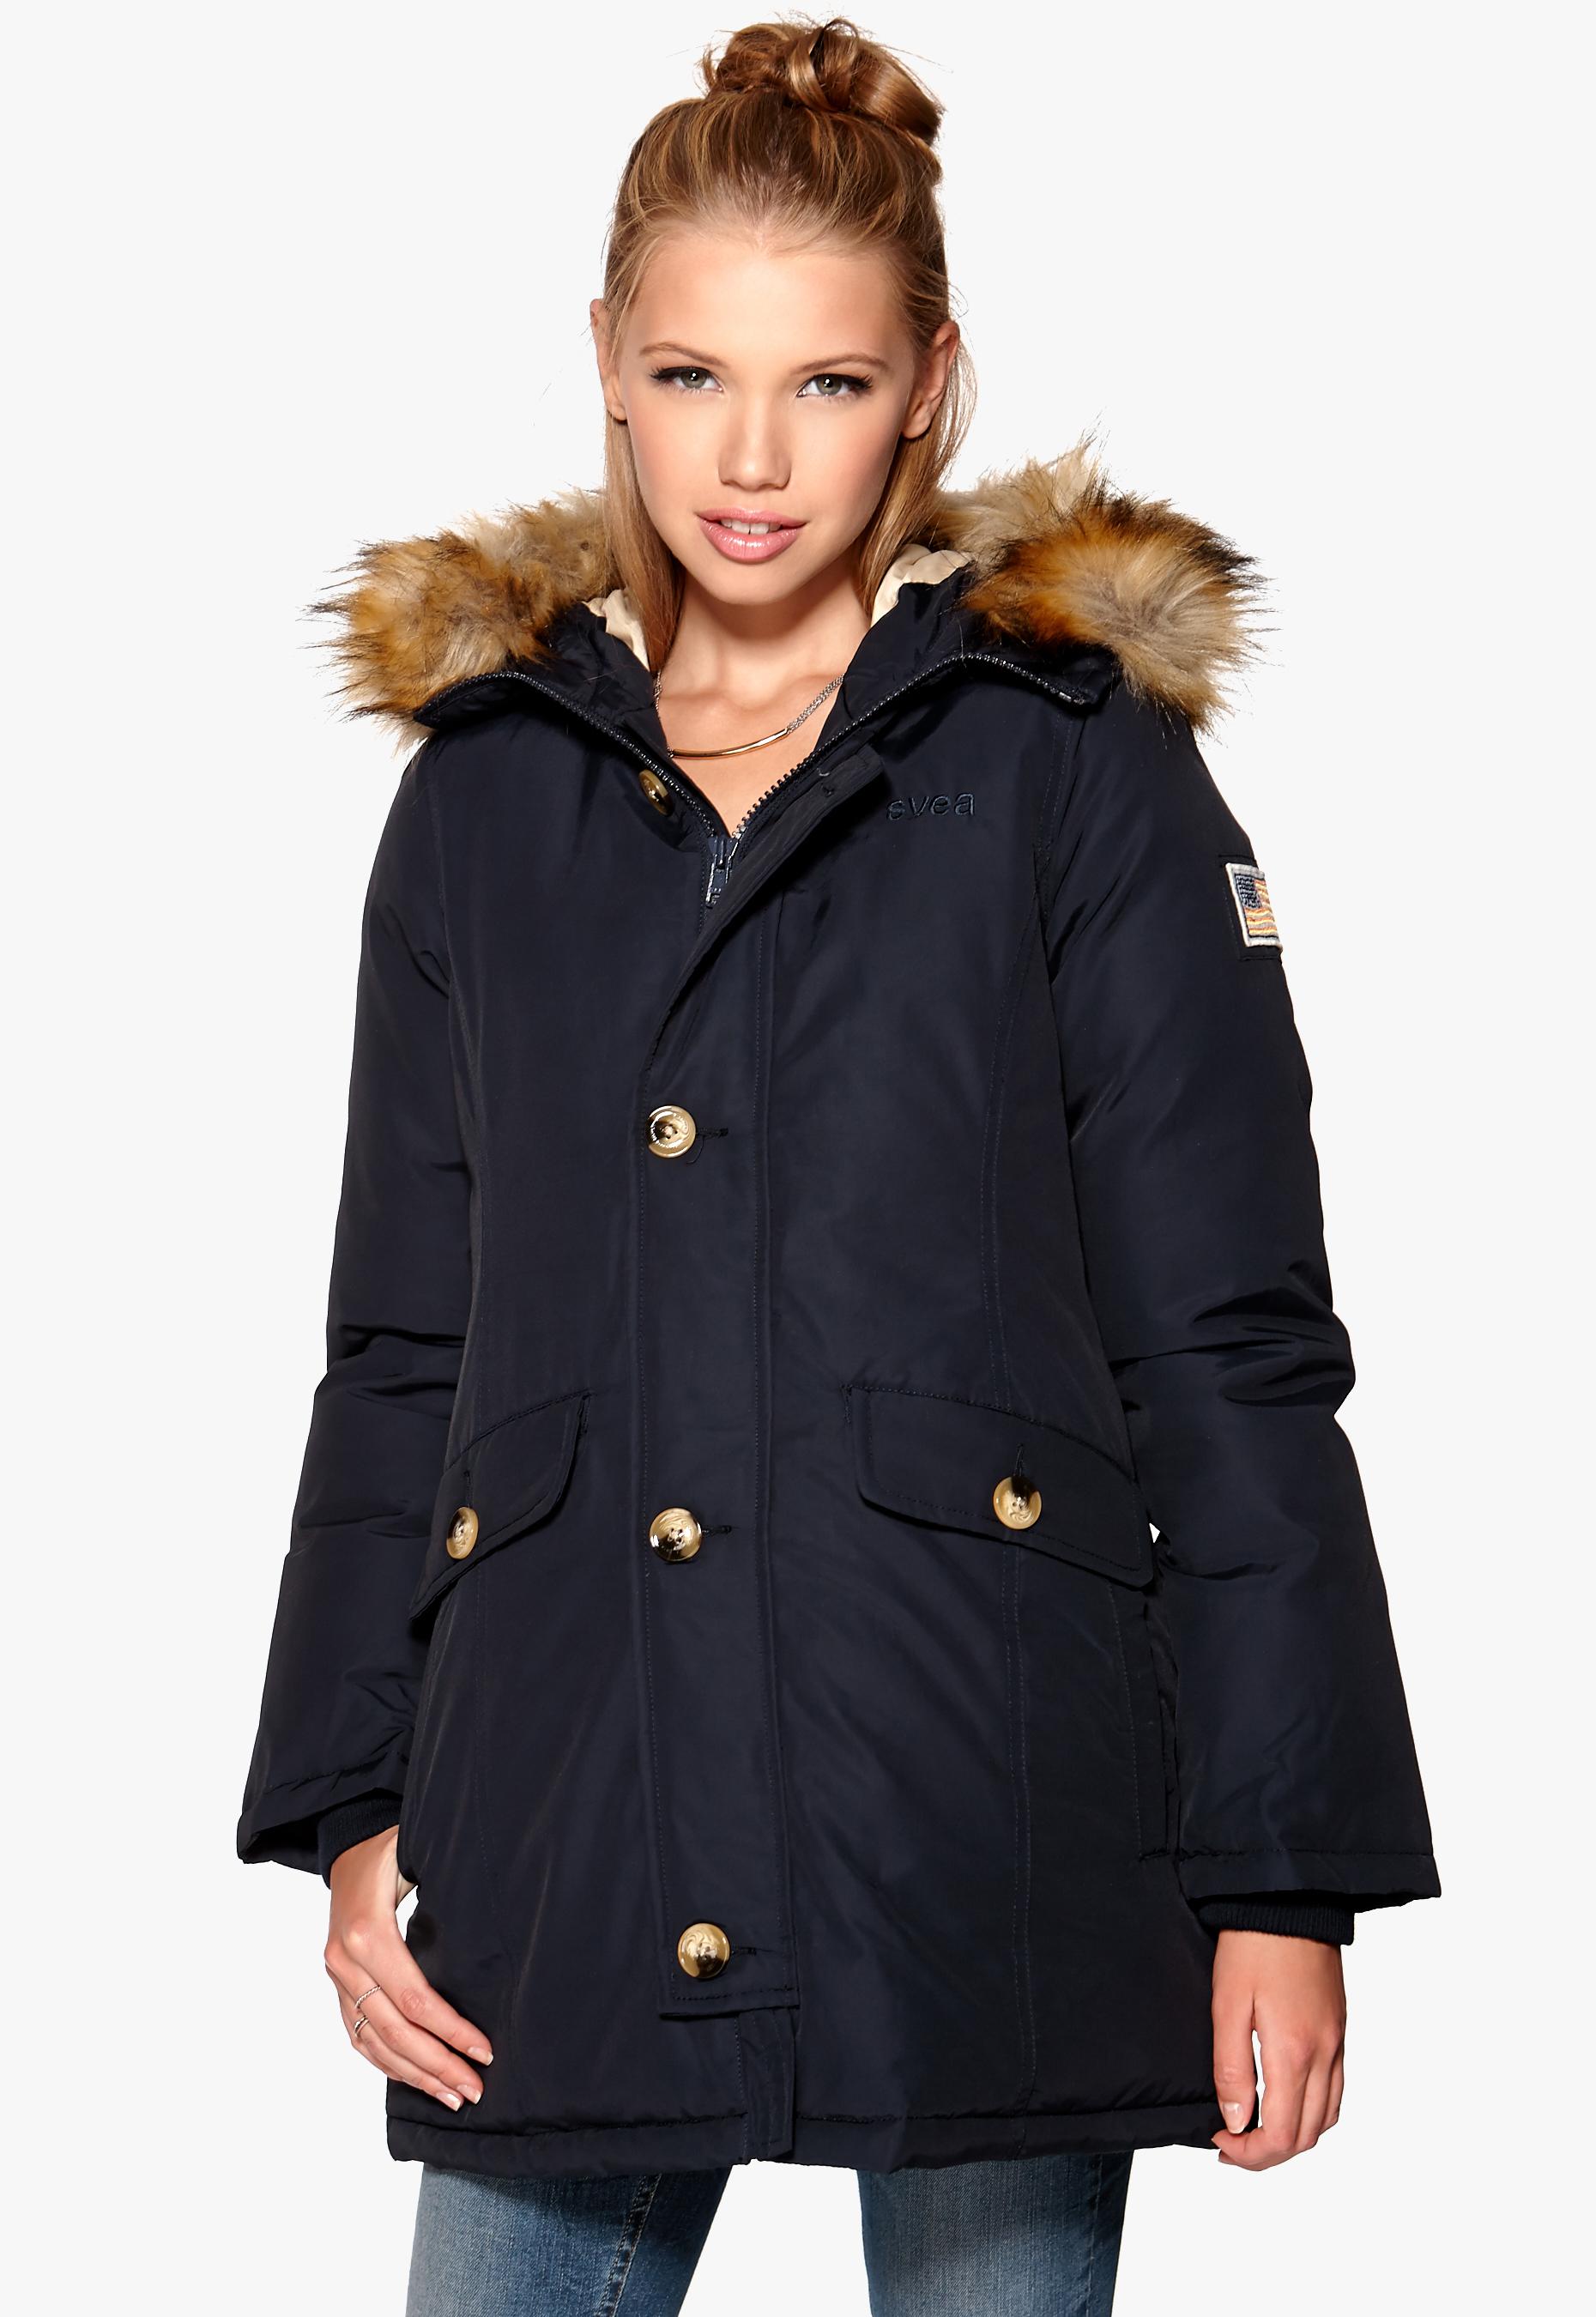 15331120 Svea Miss Smith Jacket Navy - Bubbleroom